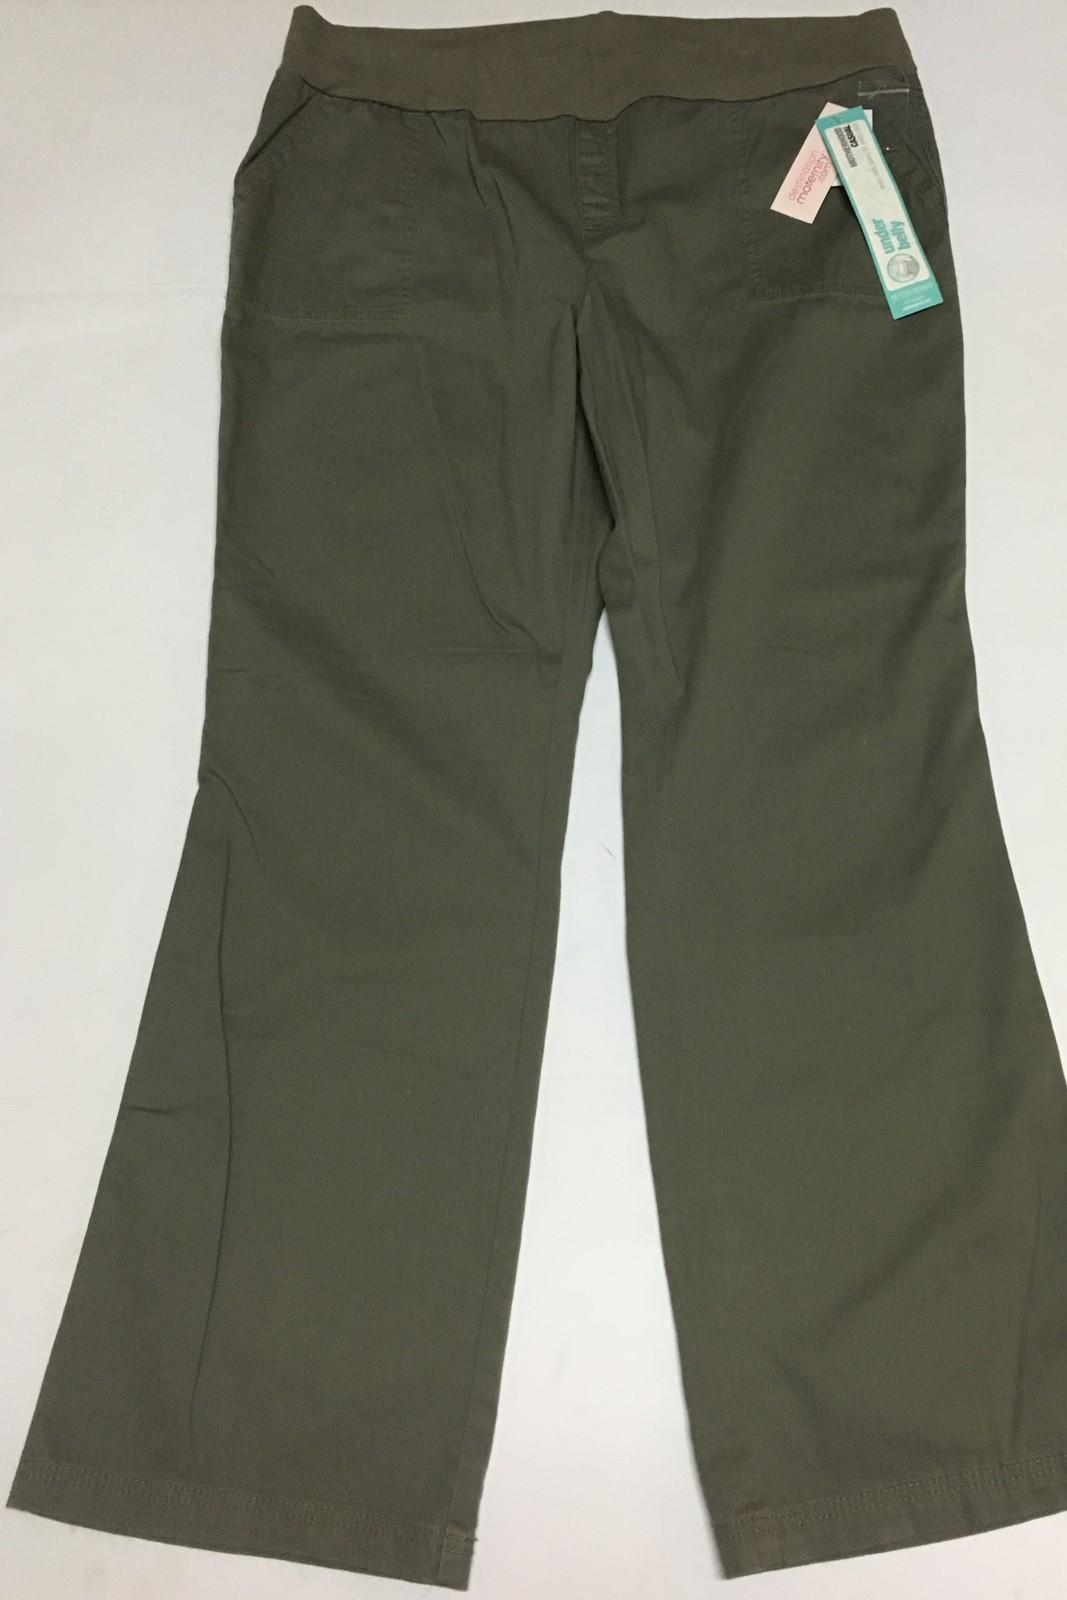 Motherhood Under Belly Pants Jeans Khaki Green XL NWT